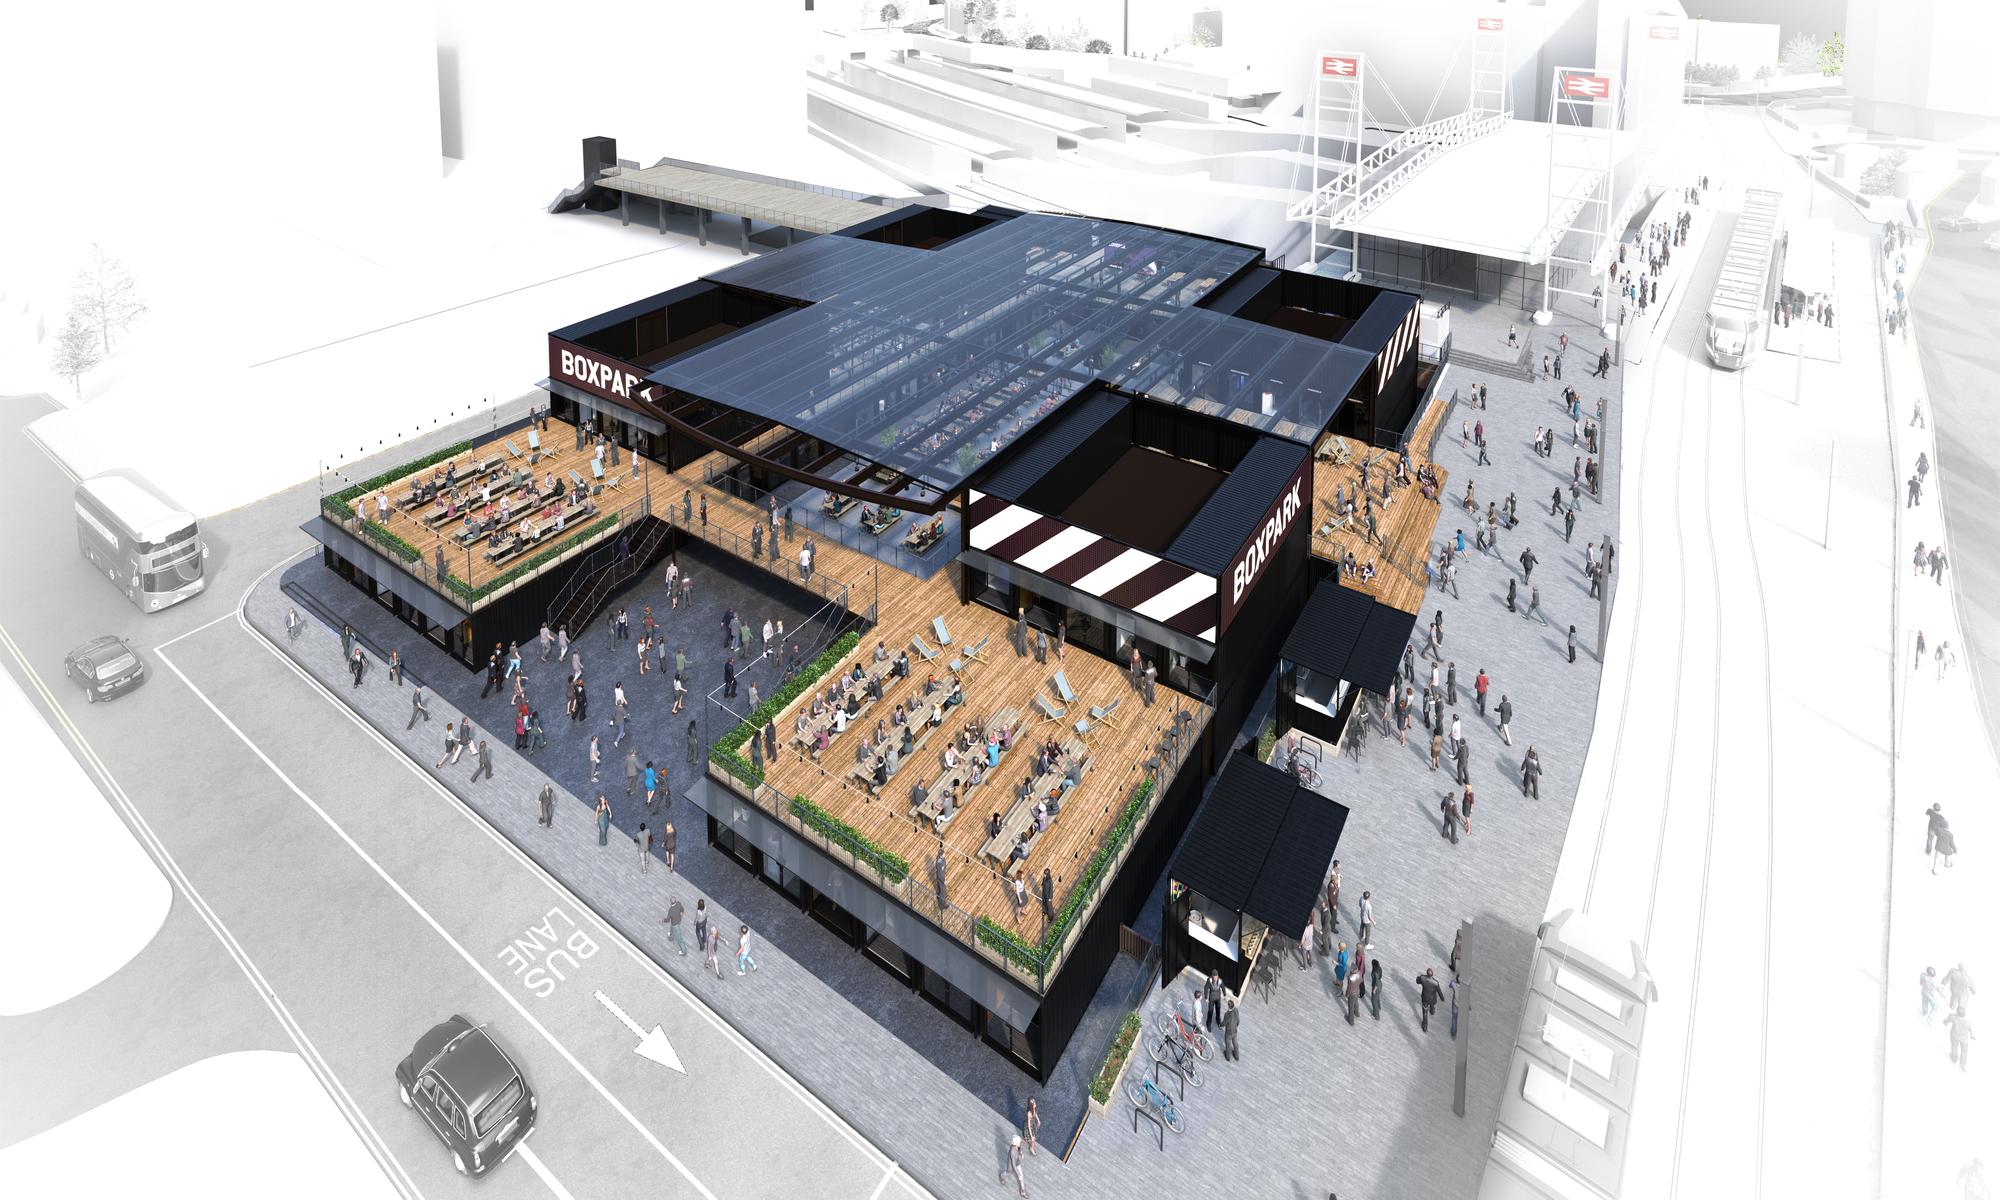 Gallery Of Boxpark Croydon Bdp 11